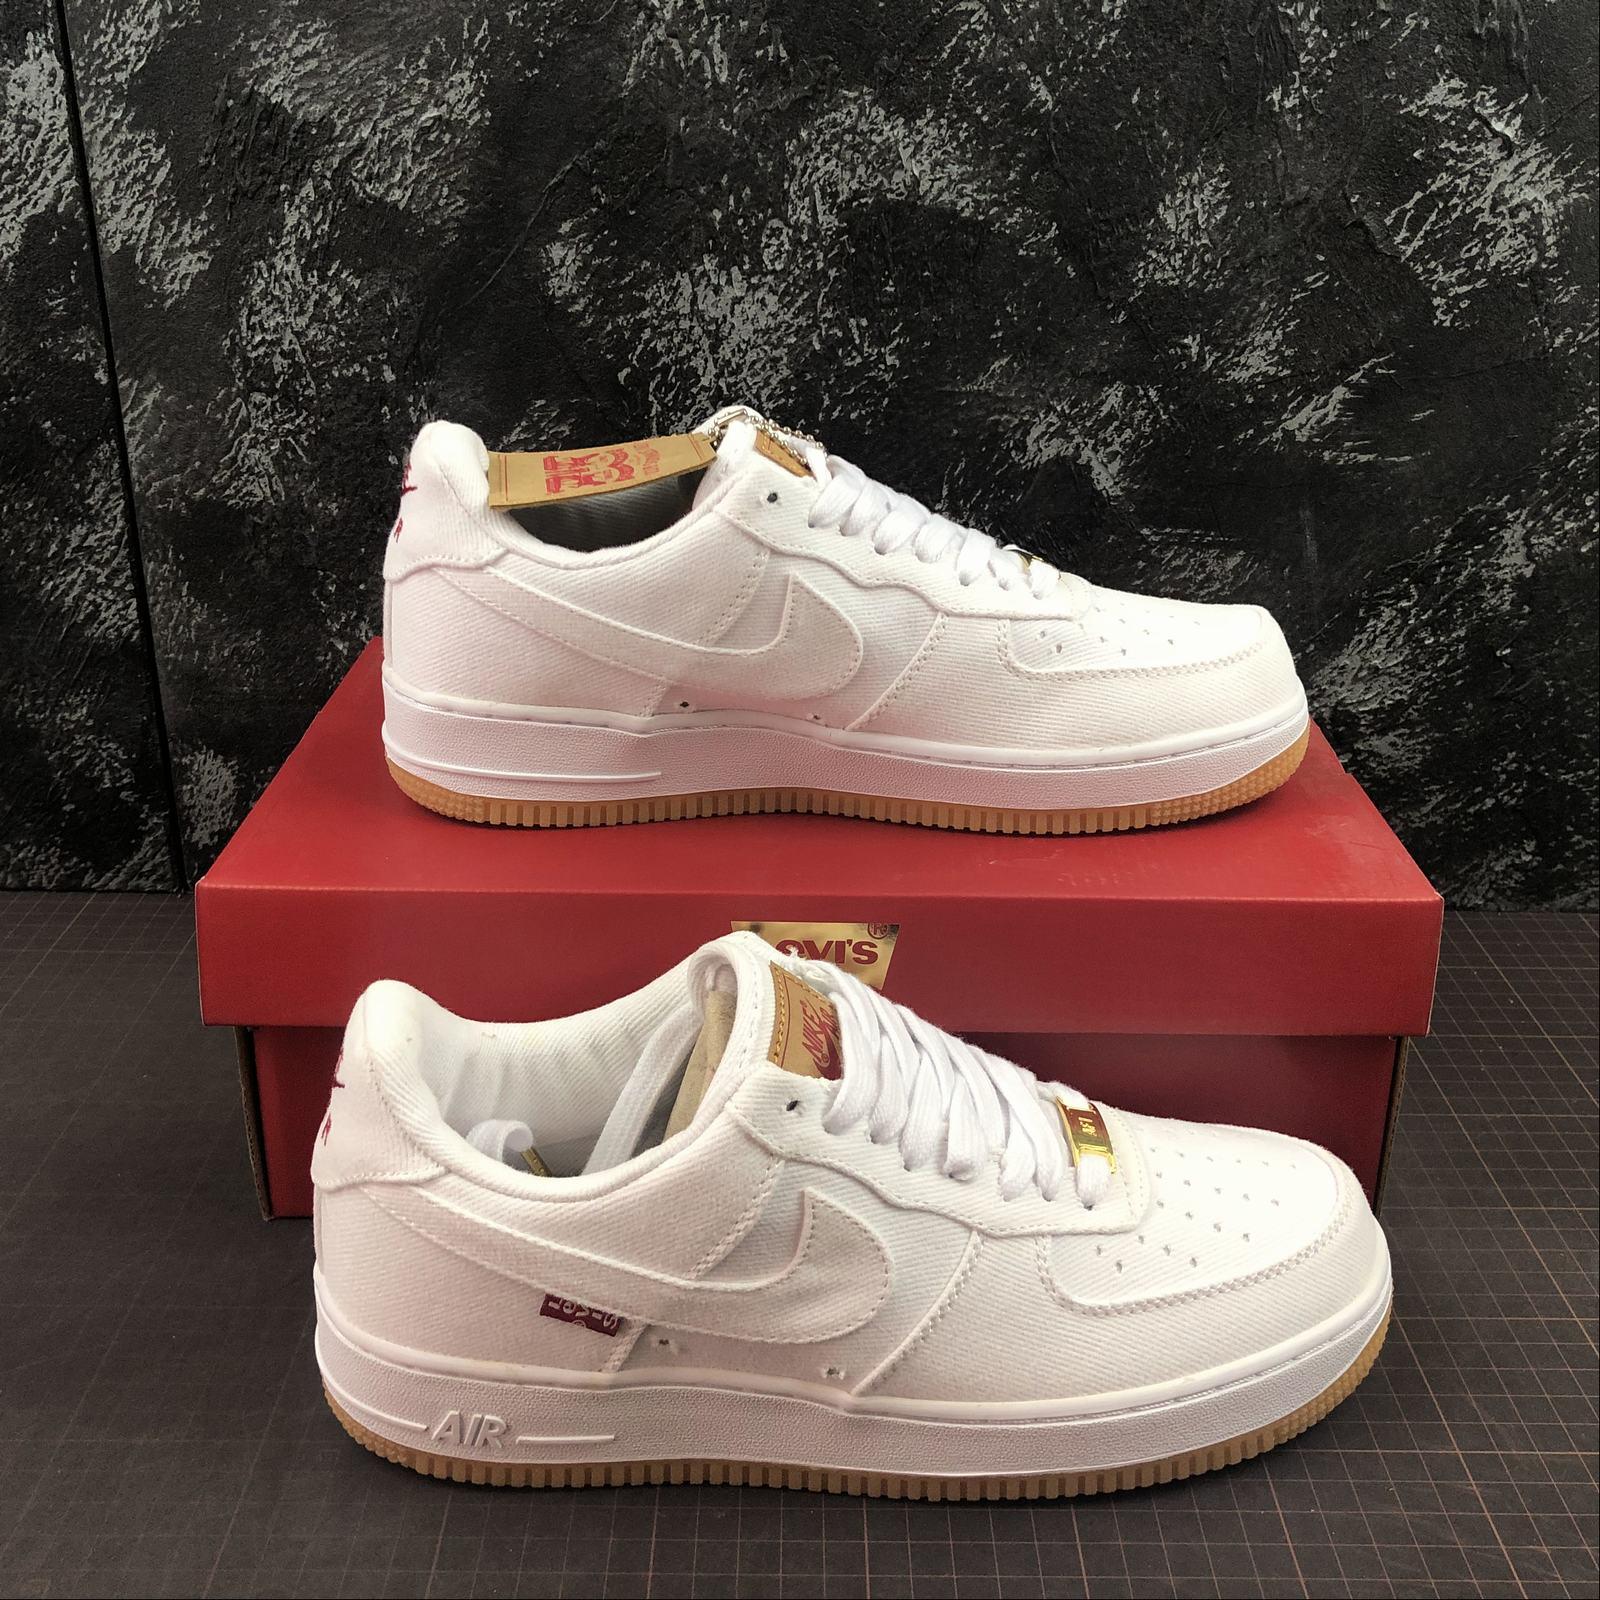 giay-sneaker-nike-air-force-1-retro-levis-a02571-601-da-trang